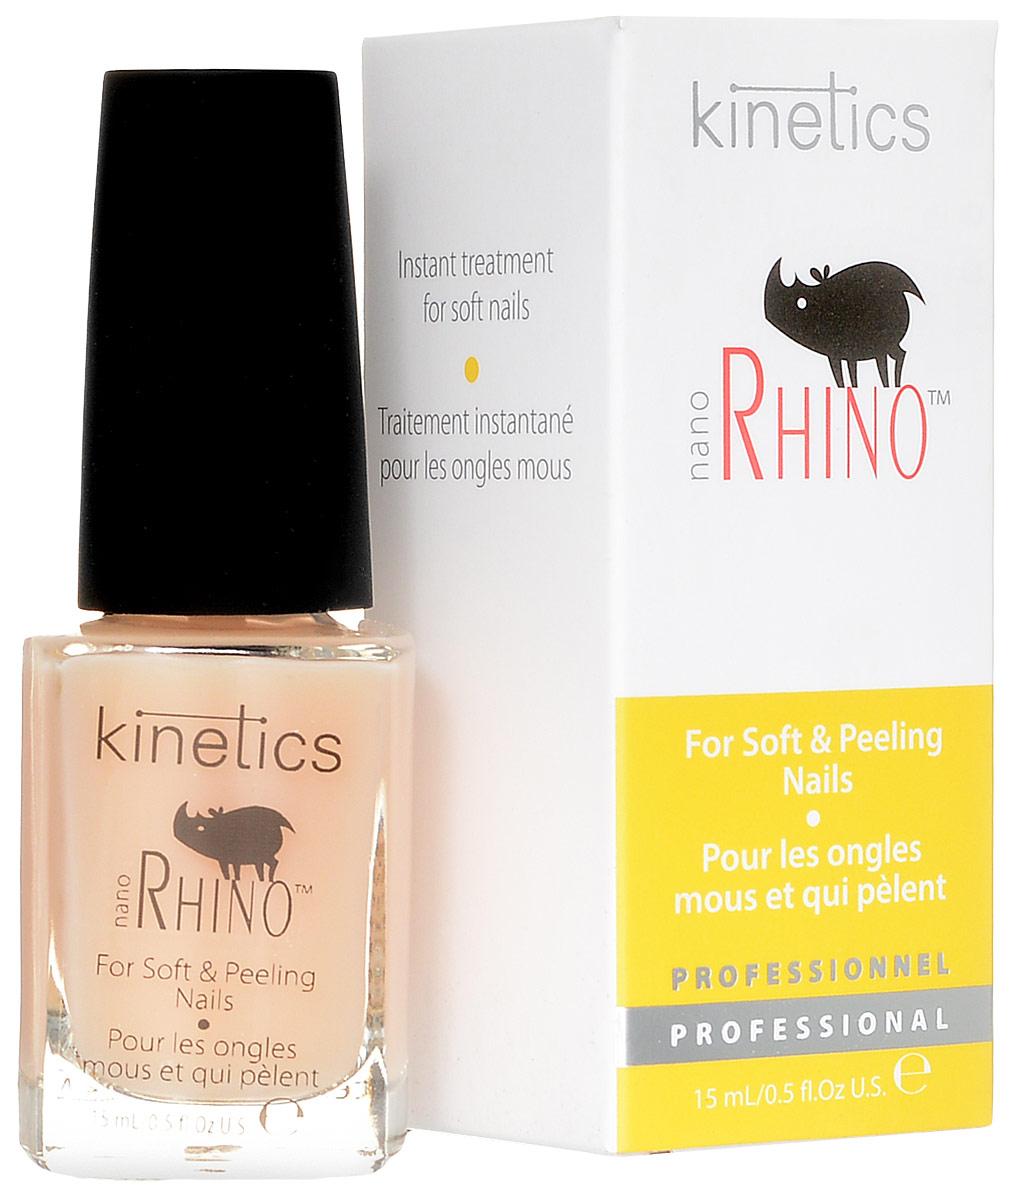 Kinetics Средство для восстановления ослабленных и слоящихся ногтей Soft&Peeling, 15 млKTR02NСредство для восстановления ослабленных и слоящихся ногтей Kinetics Soft&Peeling - безупречная защита и восстановление для ослабленных и слоящихся ногтей. Входящие в состав средства естественный кератин и альдегид создают надежный защитный барьер и помогают быстро восстановить нормальное состояние ваших ногтей. Средство идеально выравнивает поверхность ногтевой пластины, укрепляя ее, обеспечивает безупречное нанесение лака.